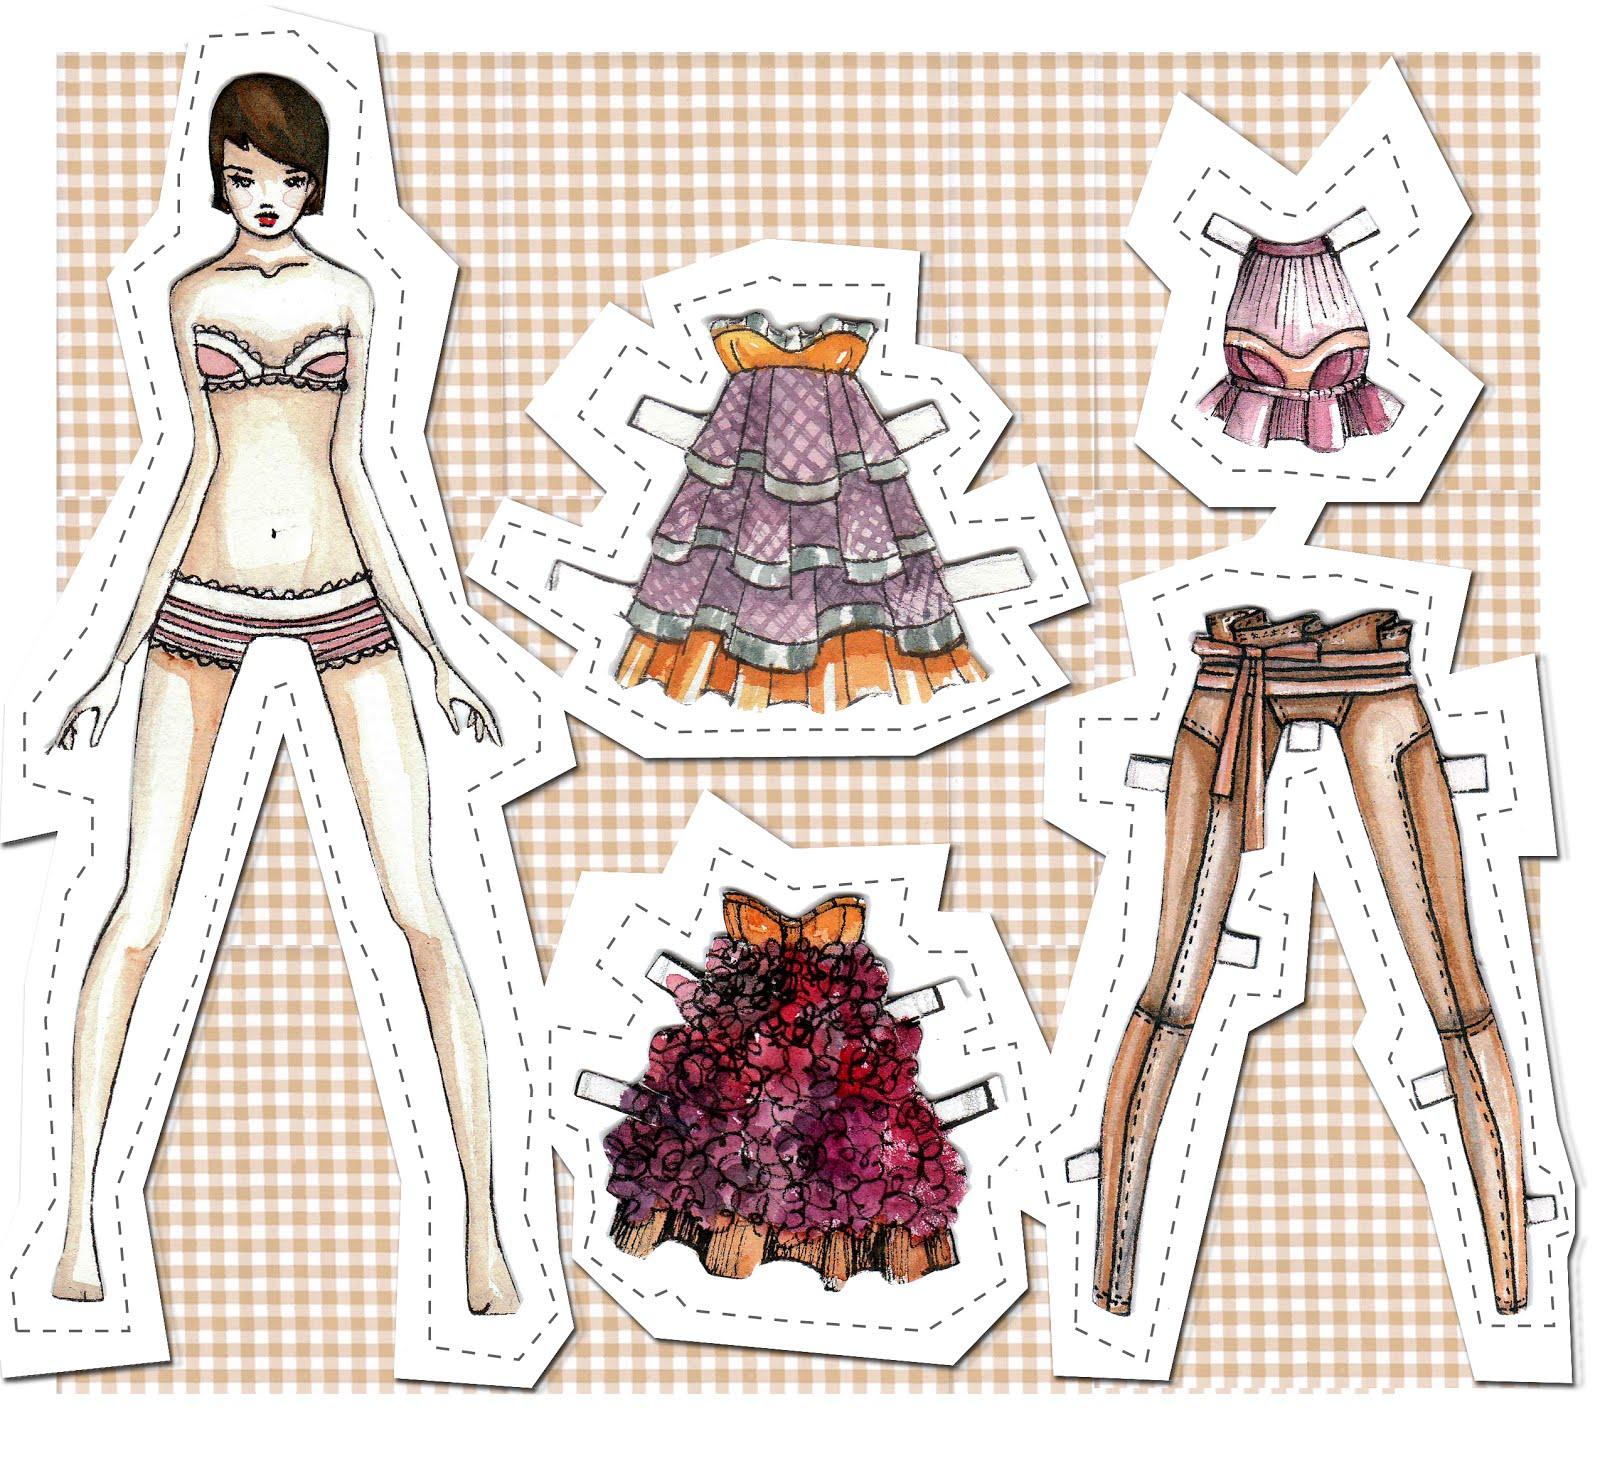 Dress / Undress